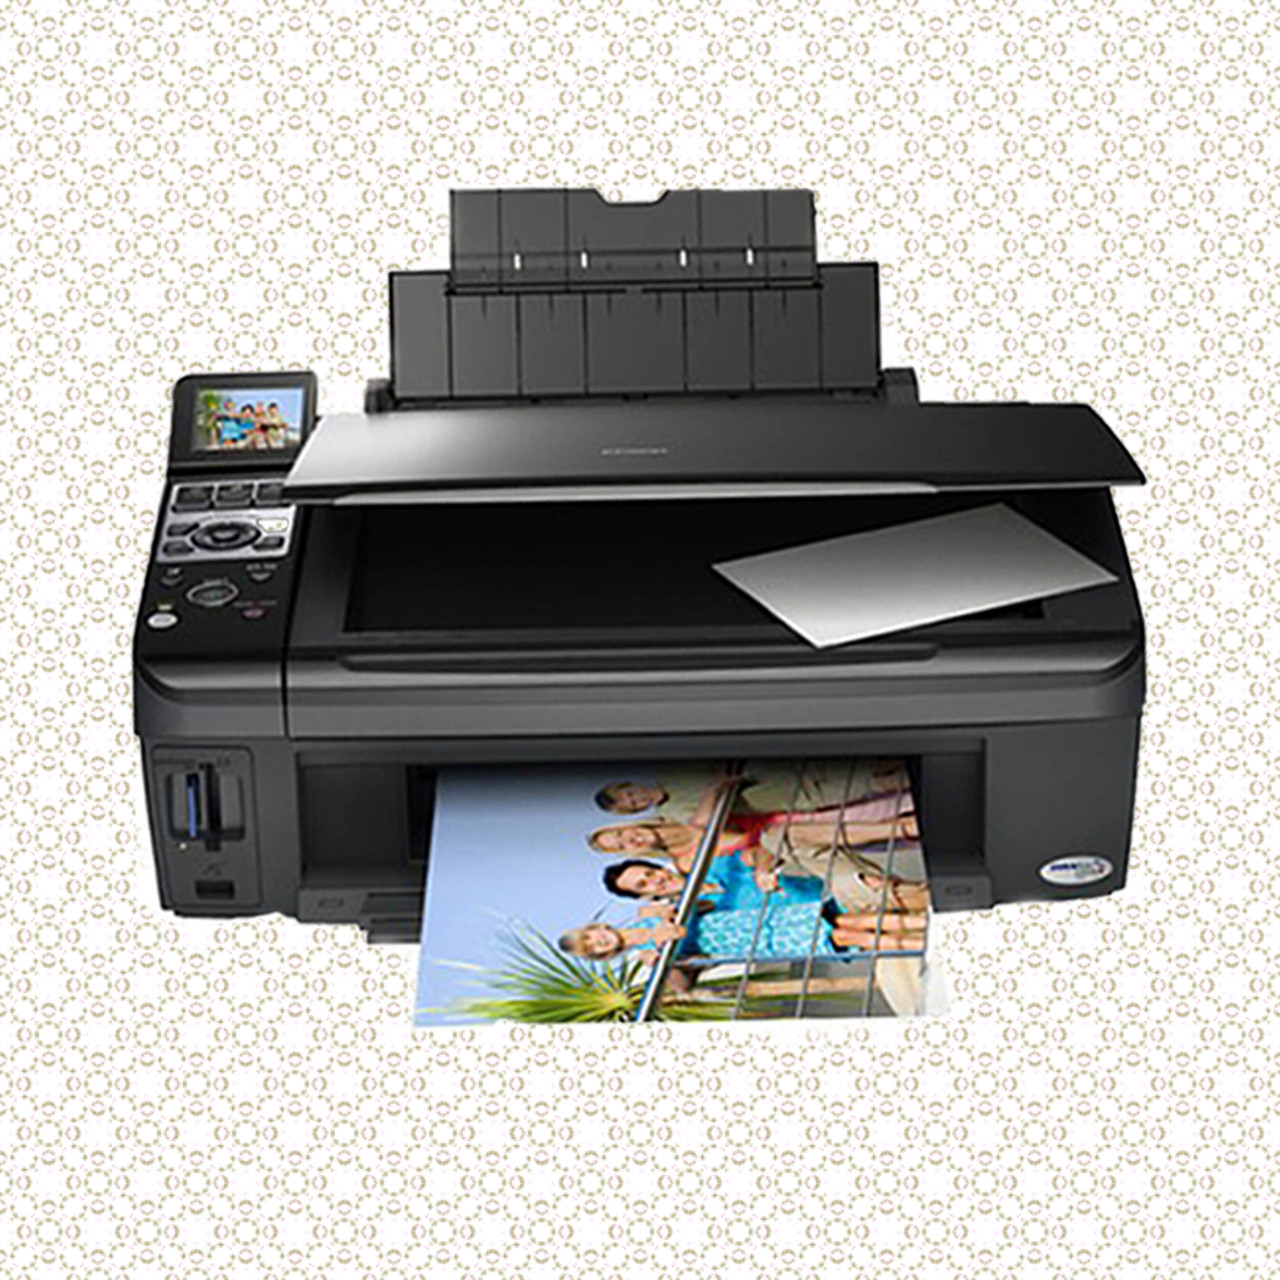 Распечатка на цветном/черно-белом принтере Днепр